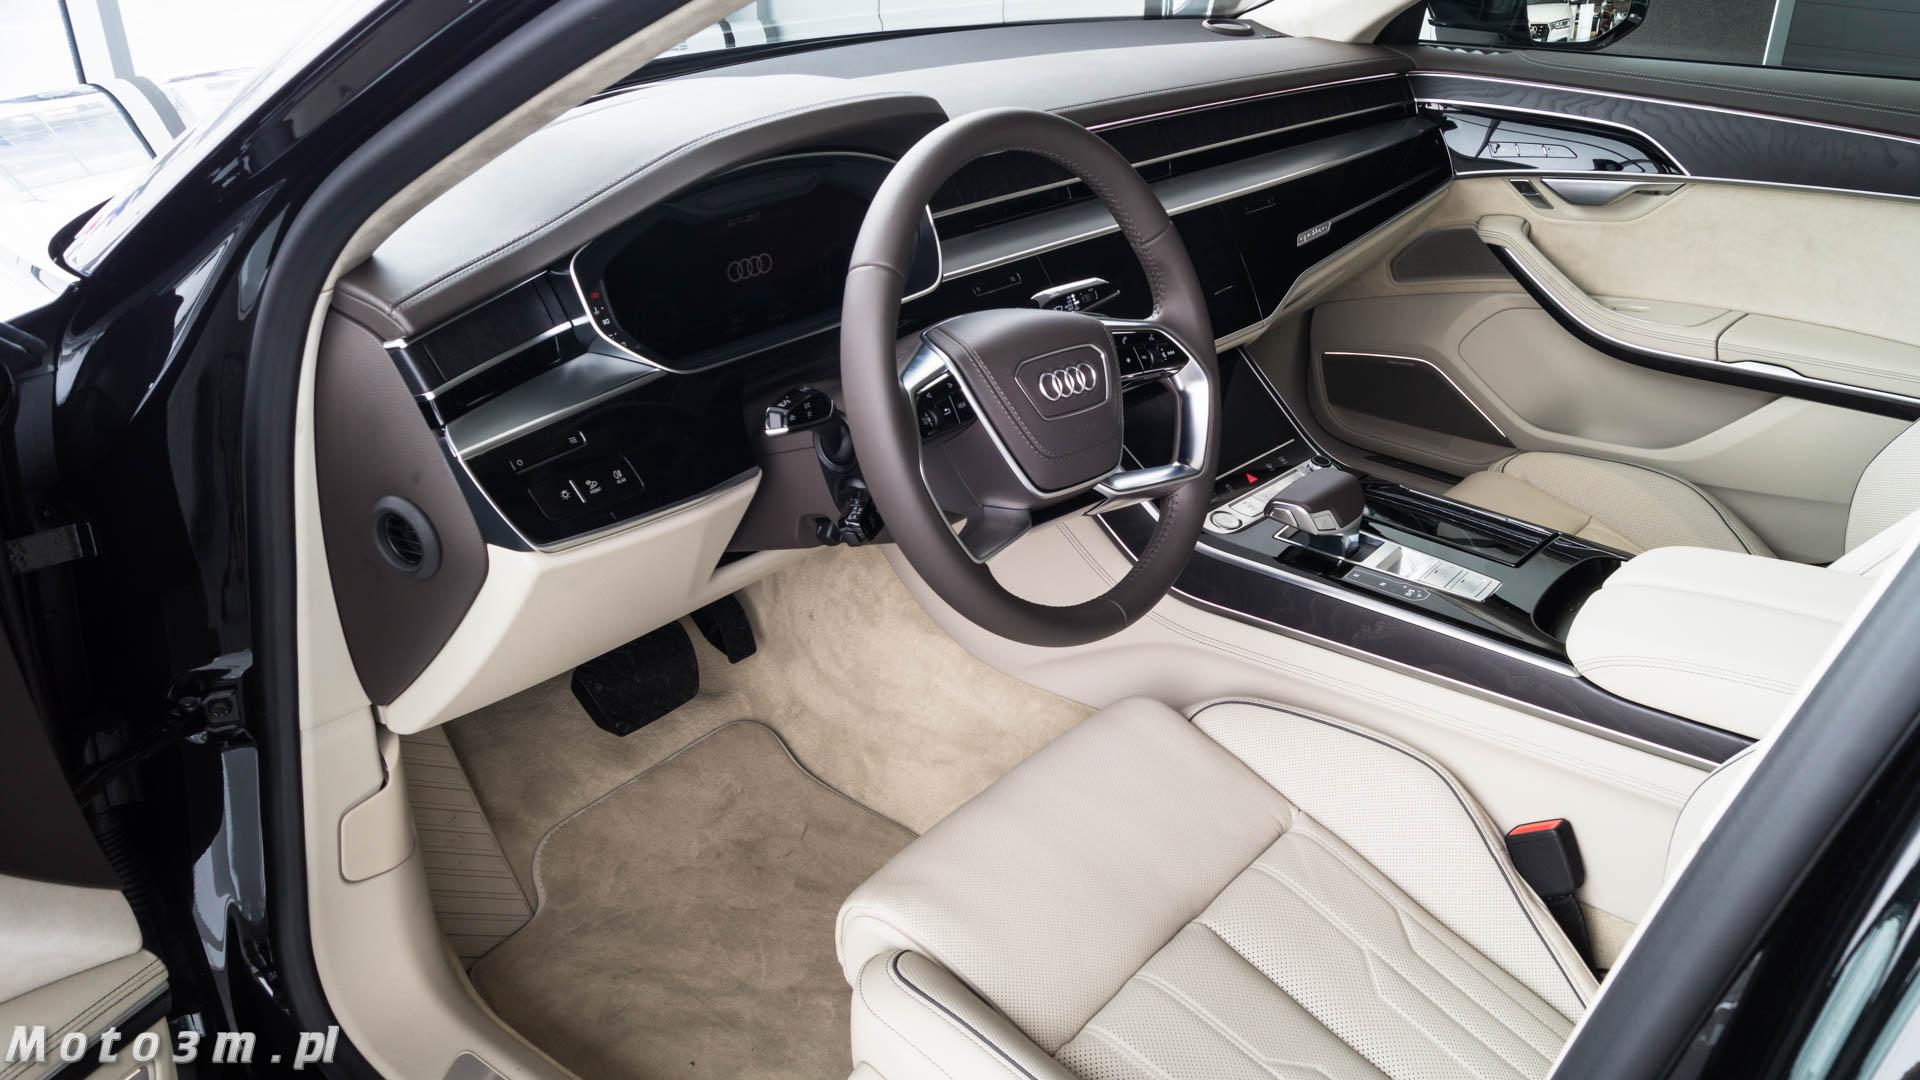 Nowe Audi A8 D5 W Audi Centrum Gdańsk 02484 Moto3mpl